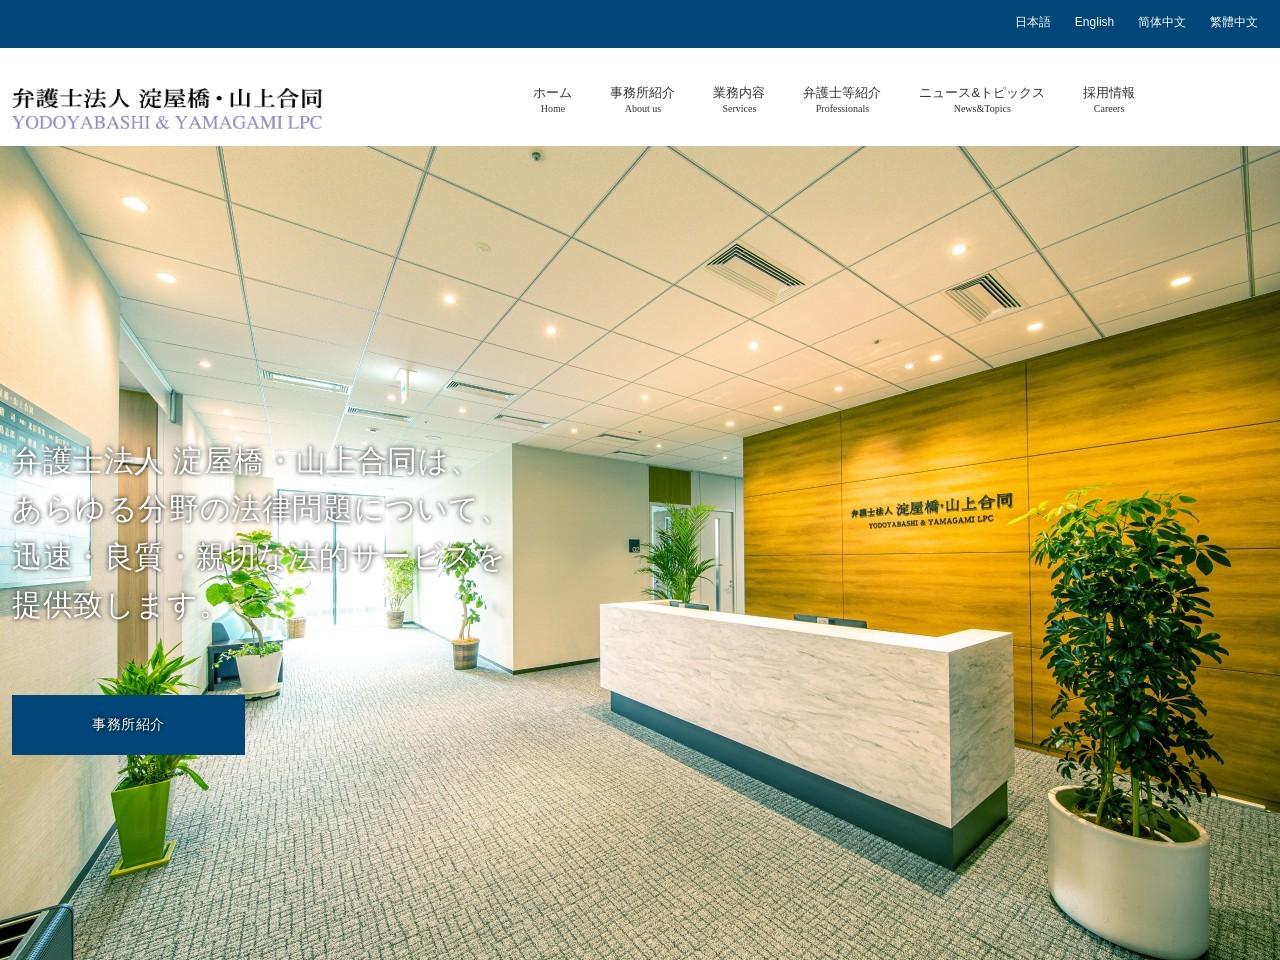 淀屋橋・山上合同(弁護士法人)